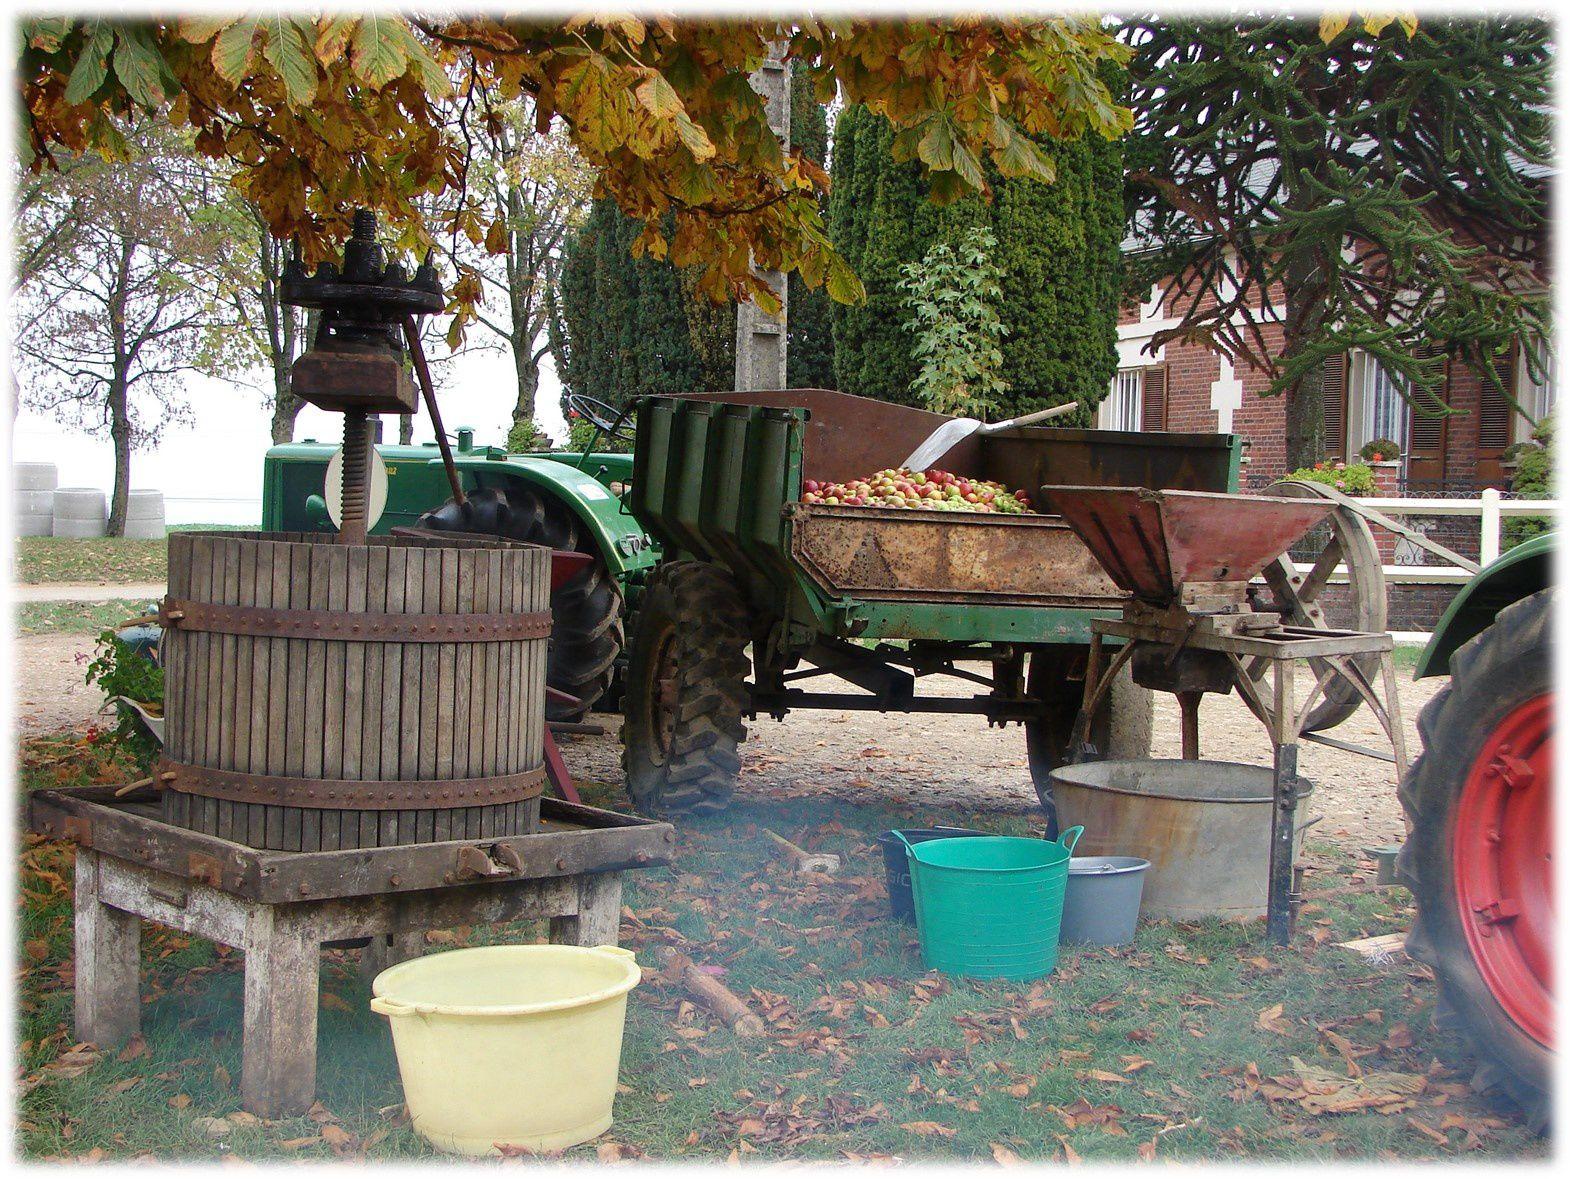 Fête de la Pomme et du Cheval le 6 octobre 2013 à Lachapelle Saint Pierre (60)